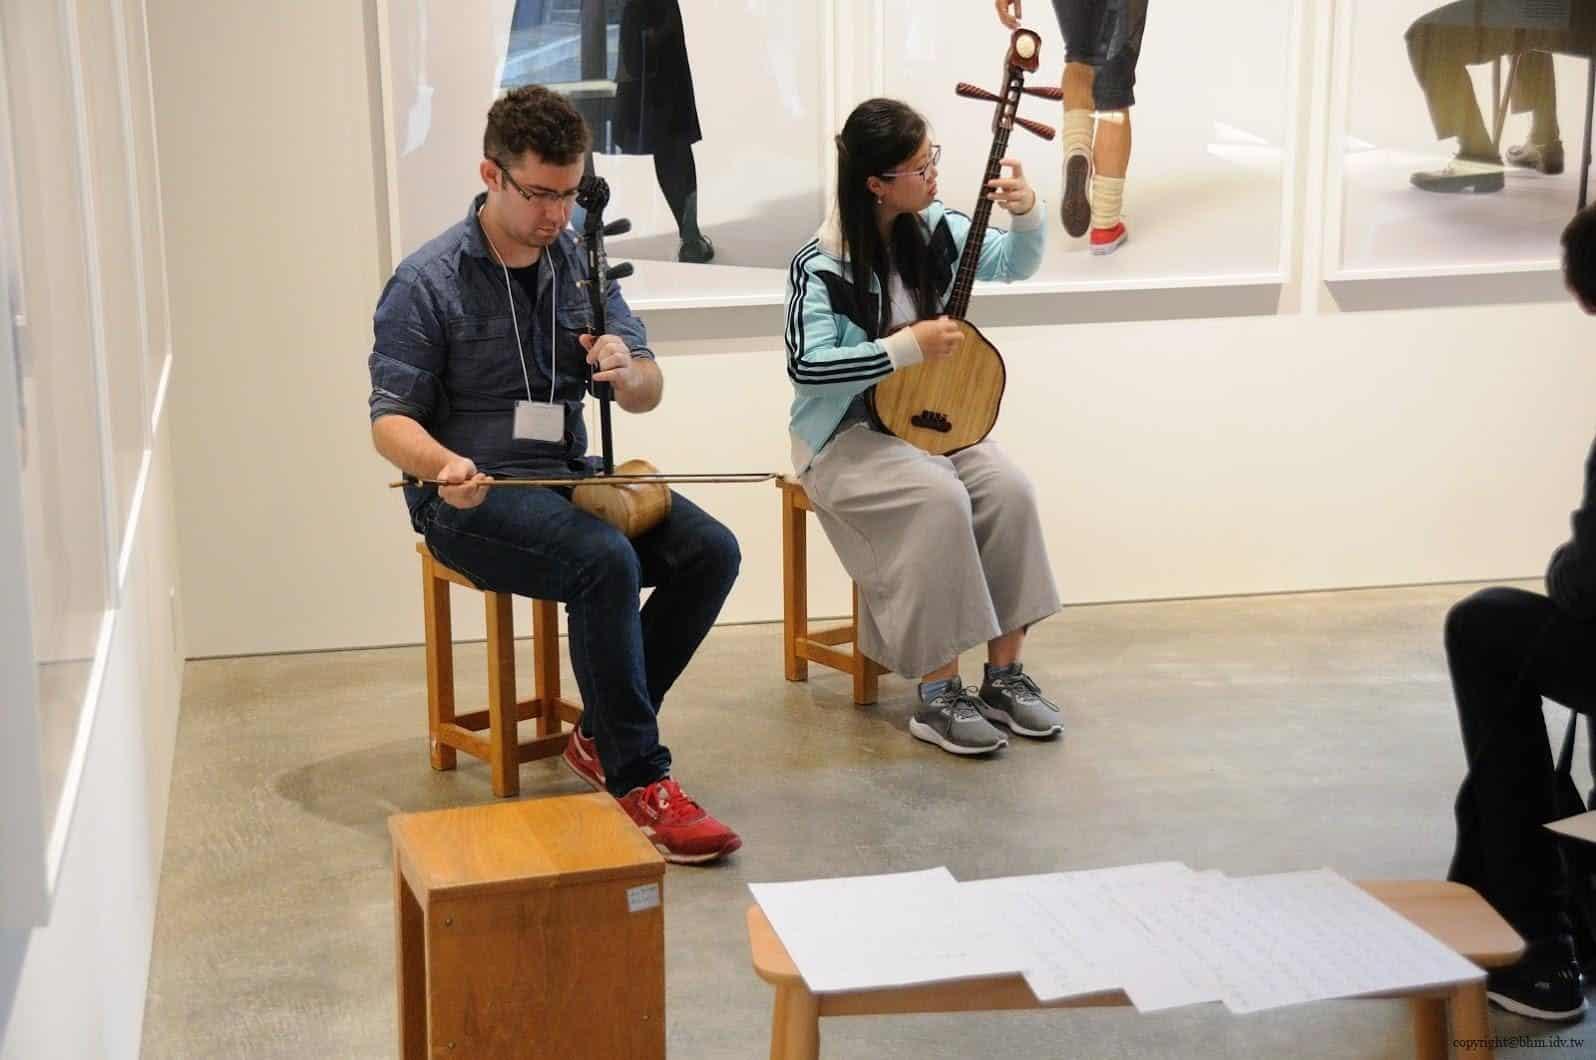 葉晉亨,香港部屋,前往當天現場正在進行中國音樂秦琴+提琴的演奏節目 香港部屋 香港部屋 hong kong house 07 0x0